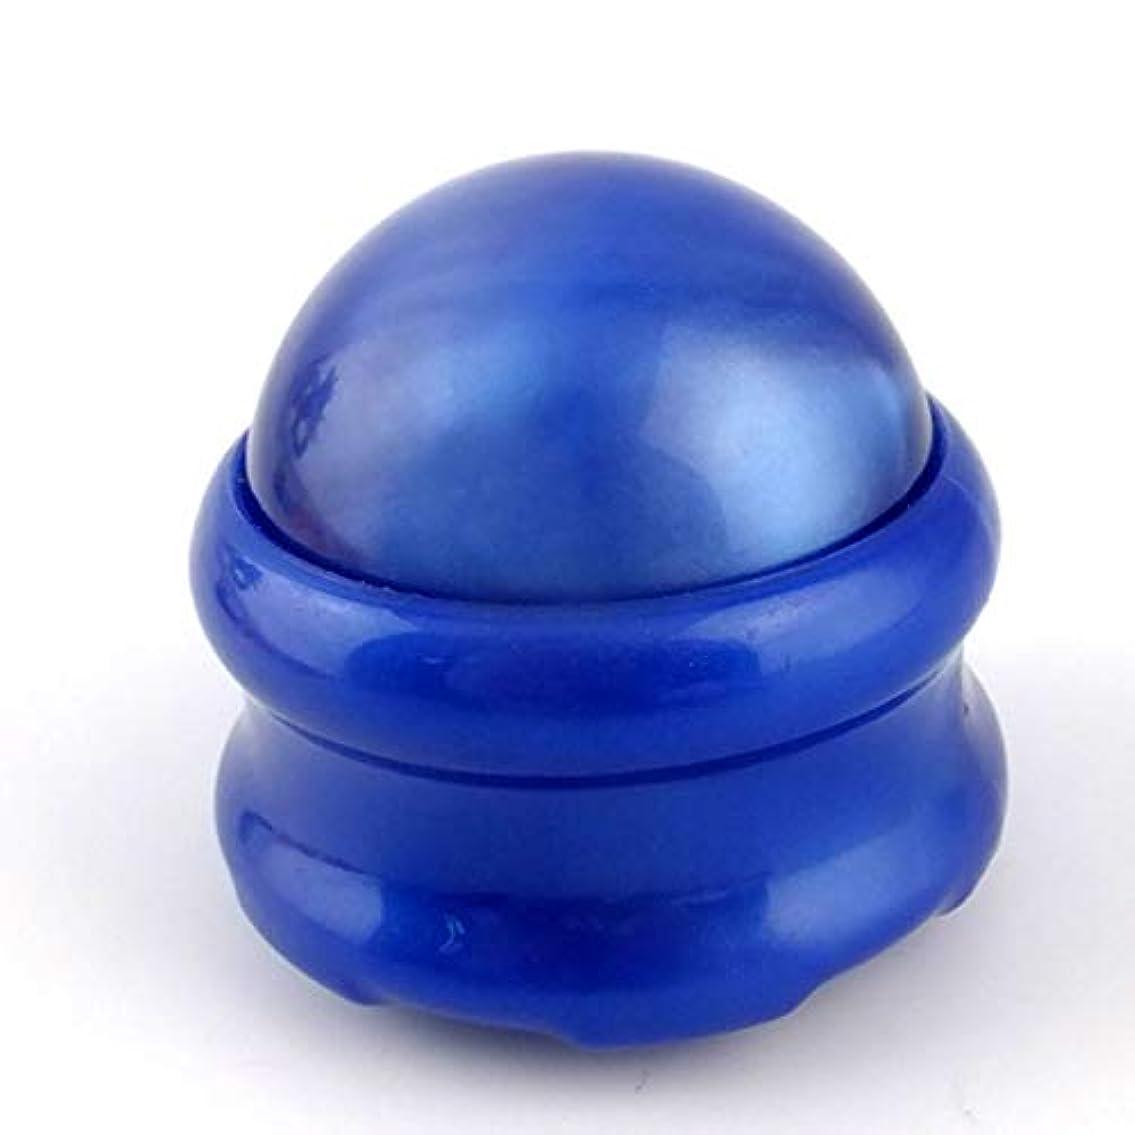 テレックスいっぱいスポンサーHAMILO マッサージボール 健康器具 ローラー 肩 腰 足裏 首すじ コロコロ マッサージ (2個セット)